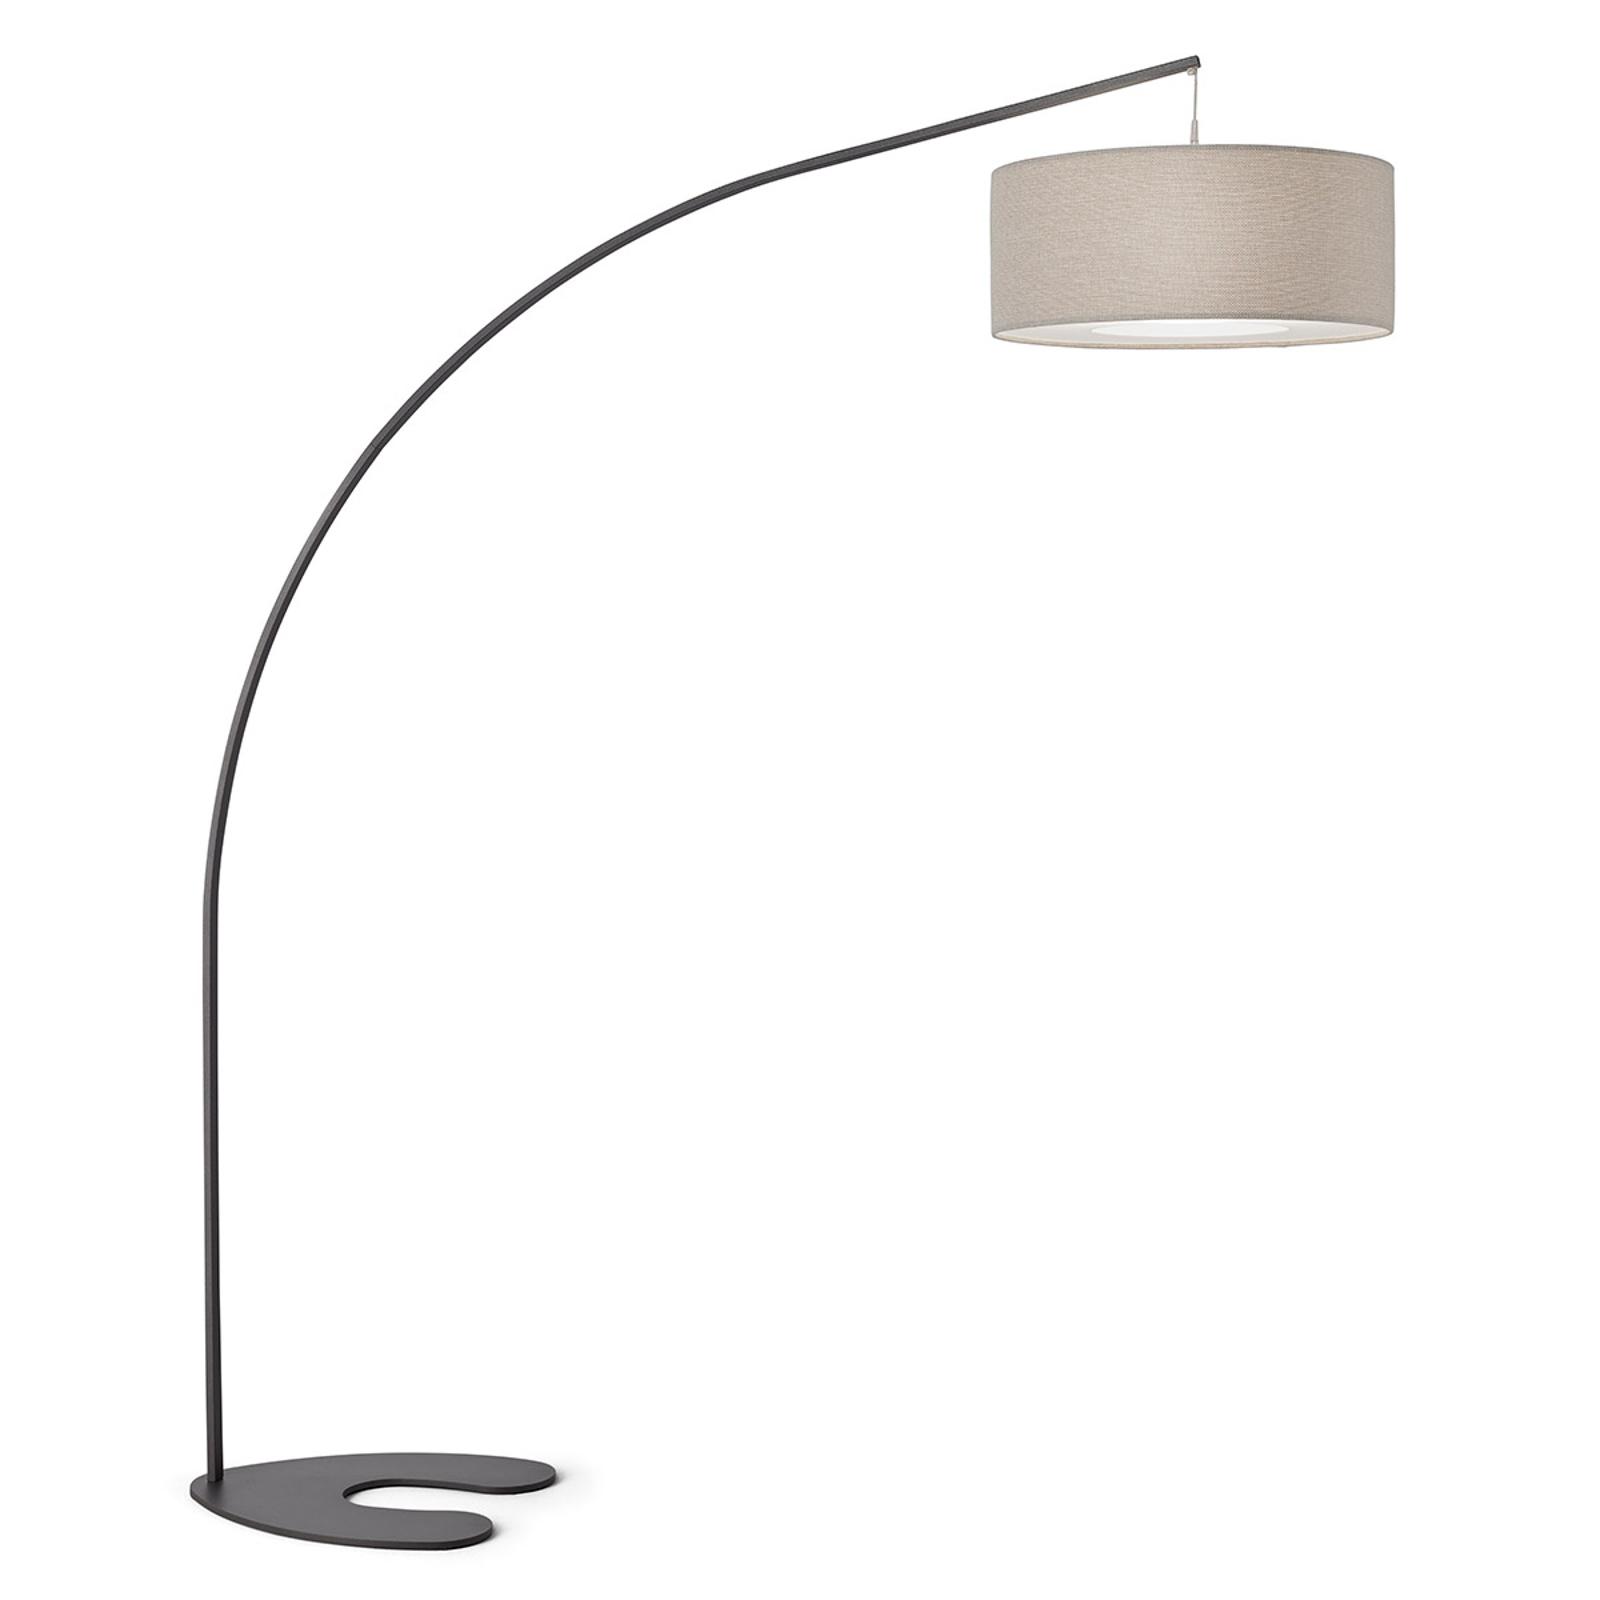 Lampa łukowa Domino z kloszem tekstylnym